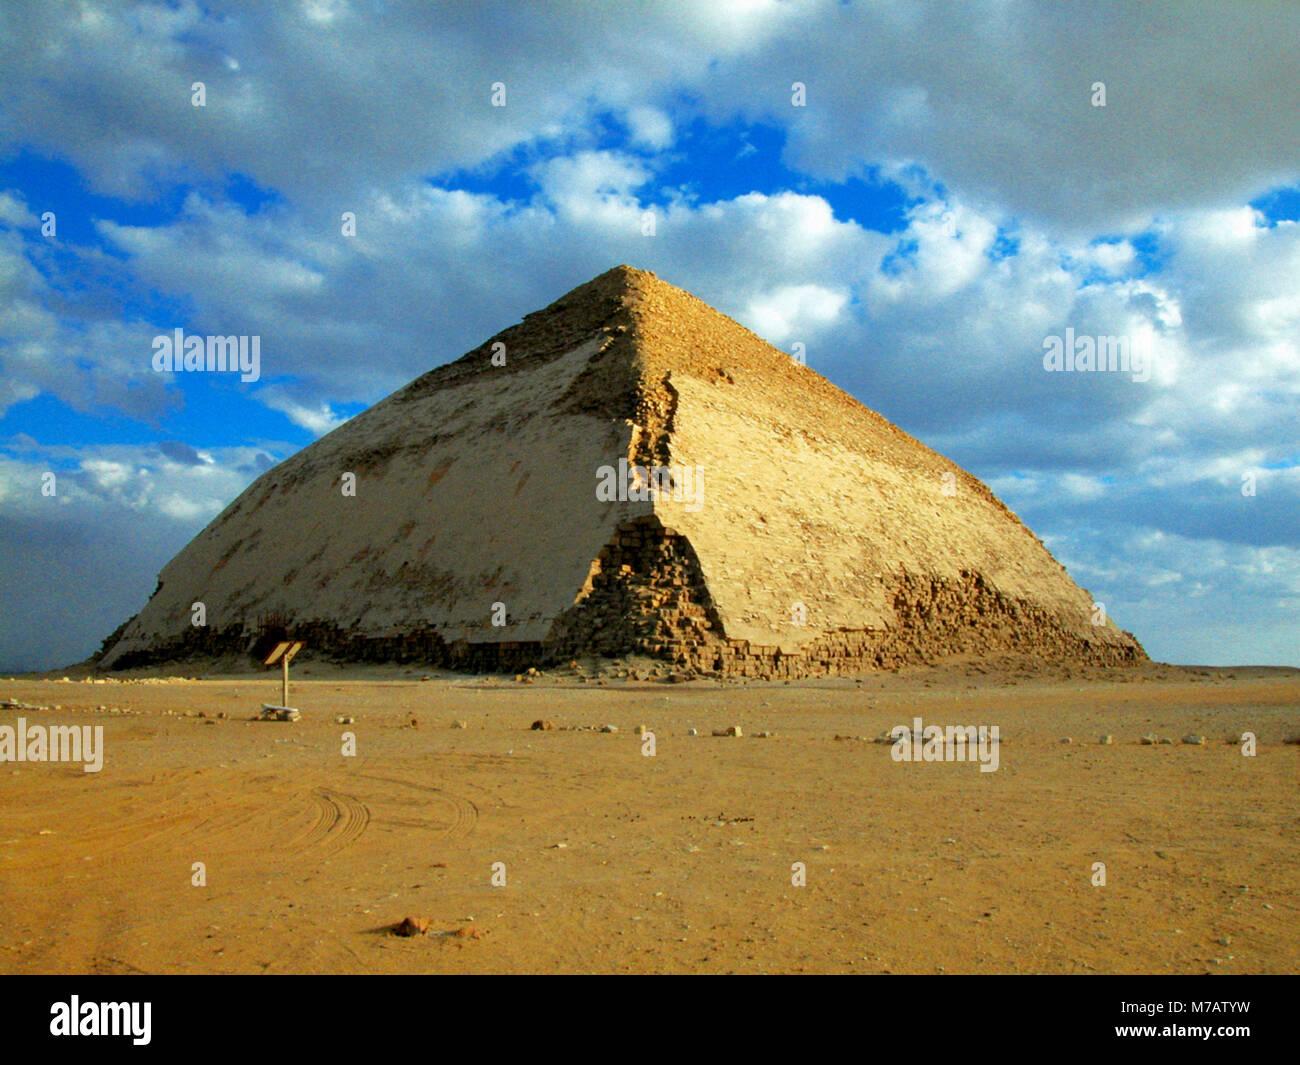 Pyramiden in einer kargen Landschaft, verbogene Pyramide, Dashur, Ägypten Stockbild